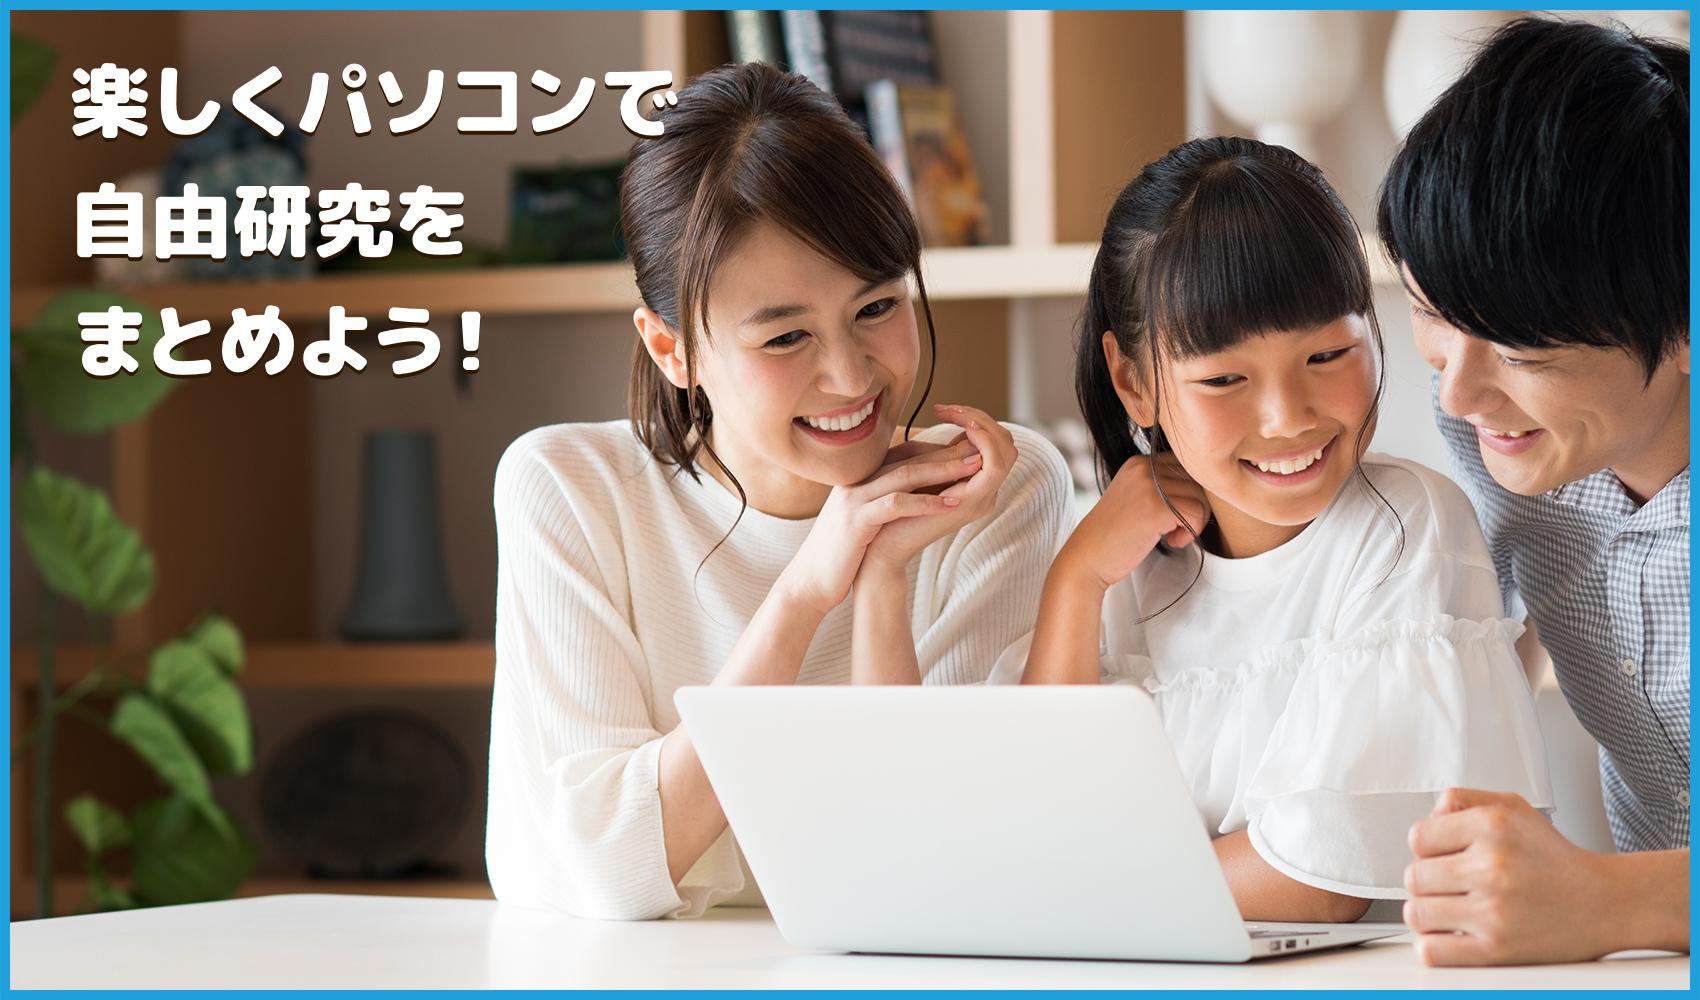 楽しくパソコンで自由研究をまとめよう!